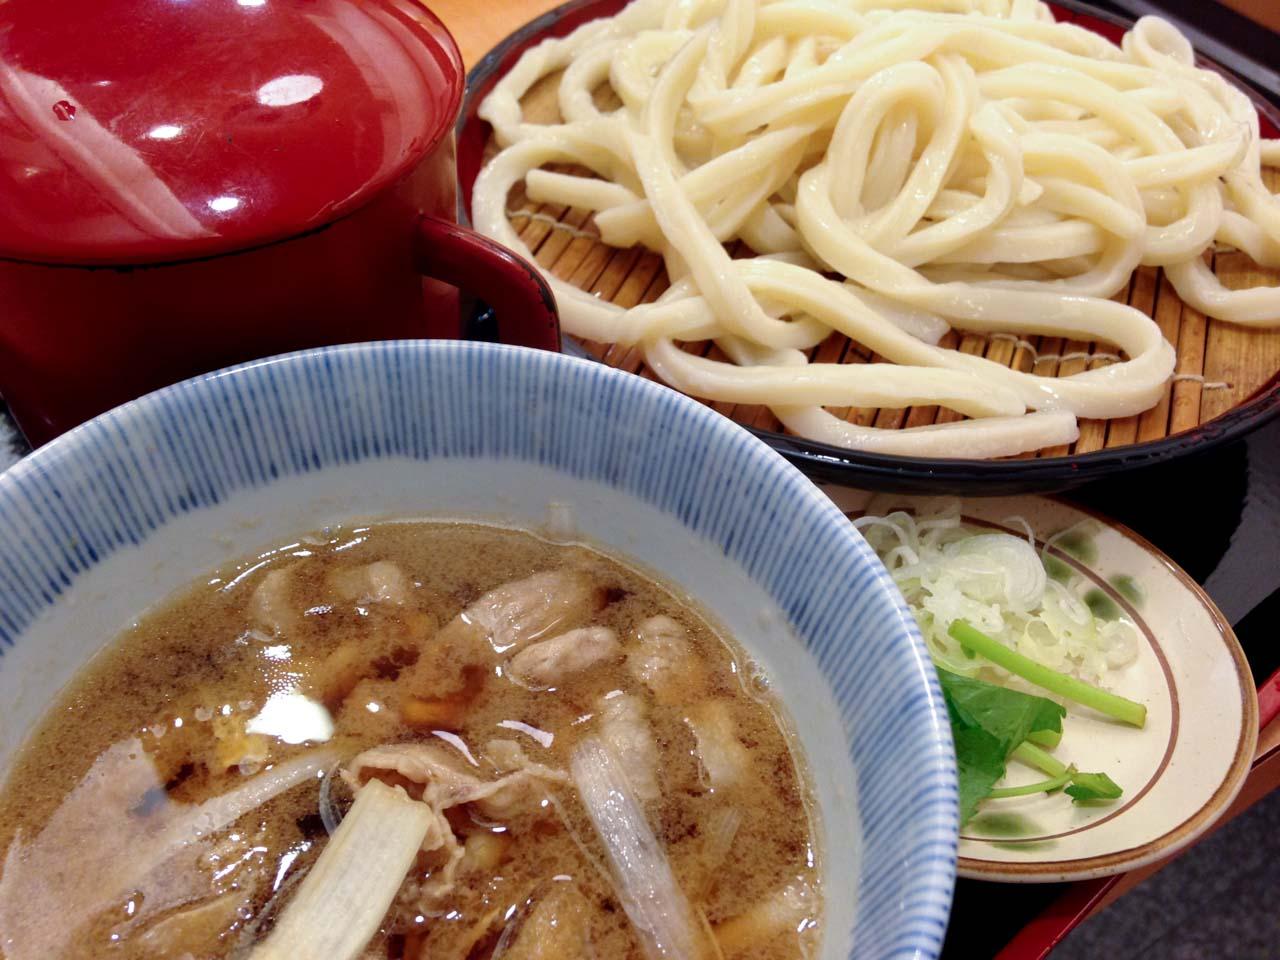 かのや 新宿西口店 肉汁せいろ_a0016730_23212651.jpg